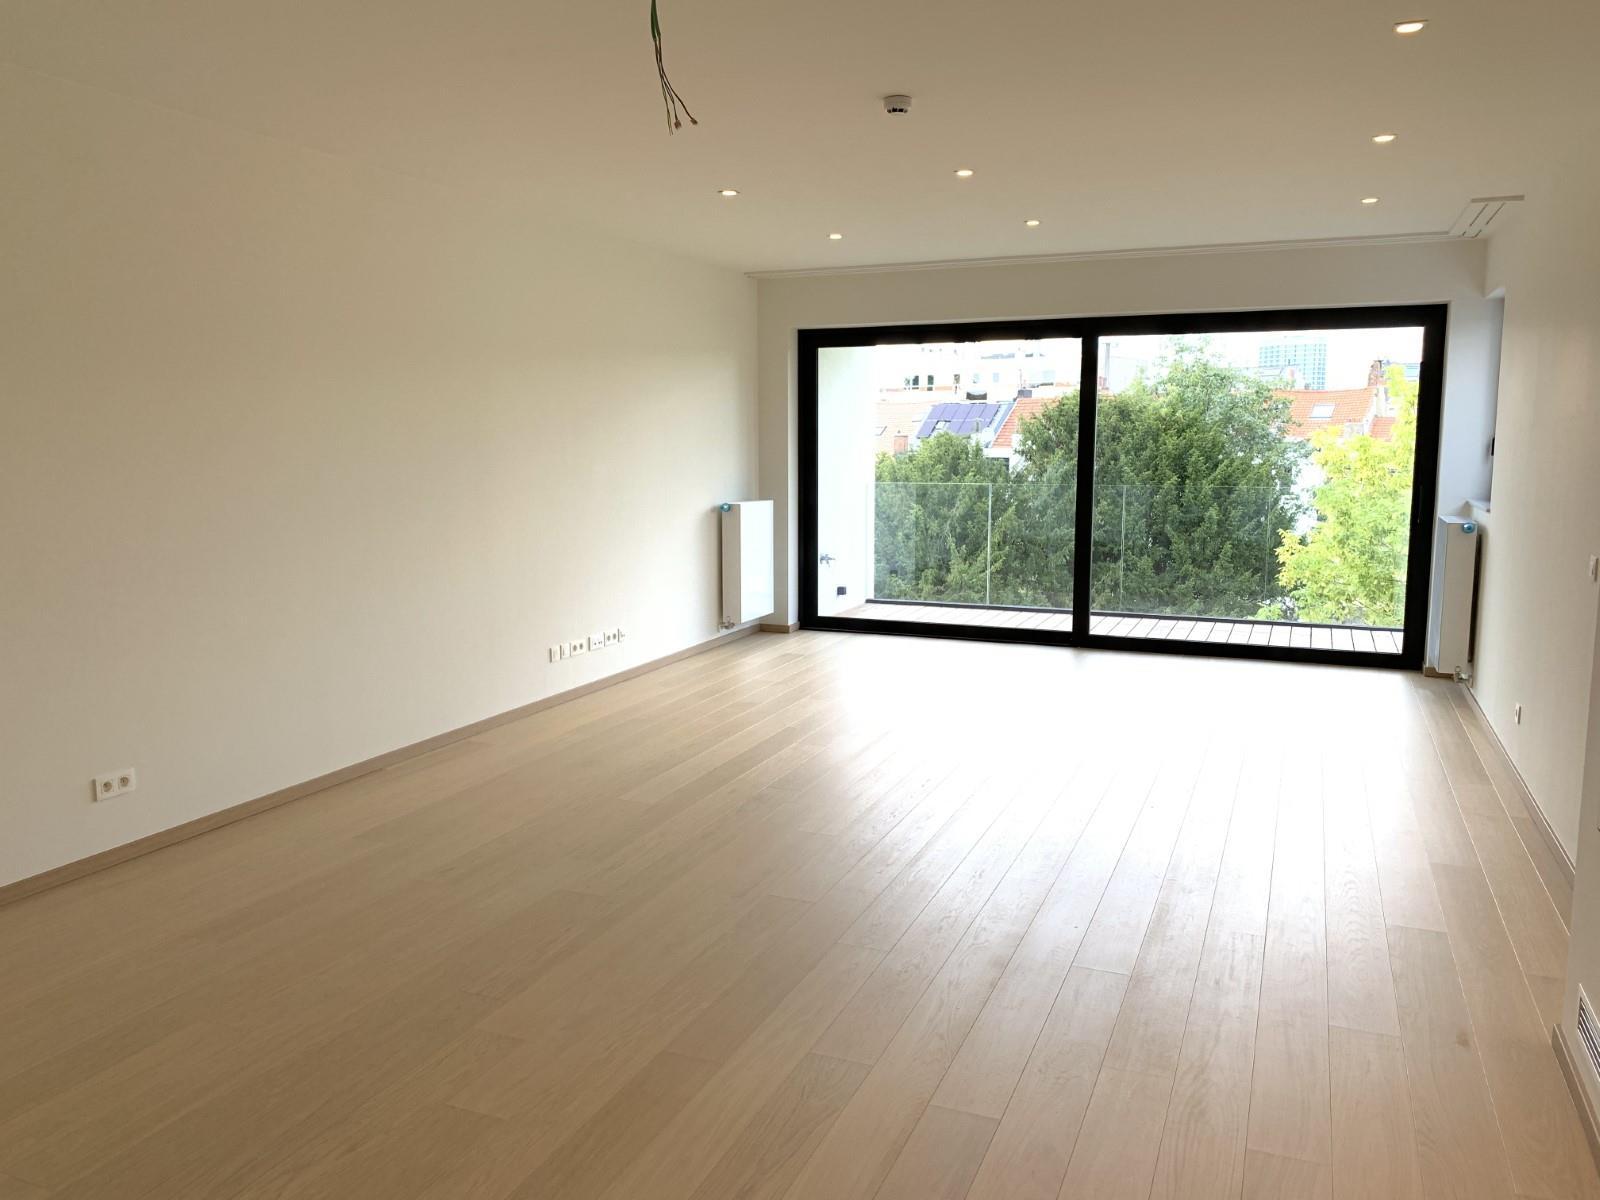 Appartement exceptionnel - Ixelles - #3929614-3